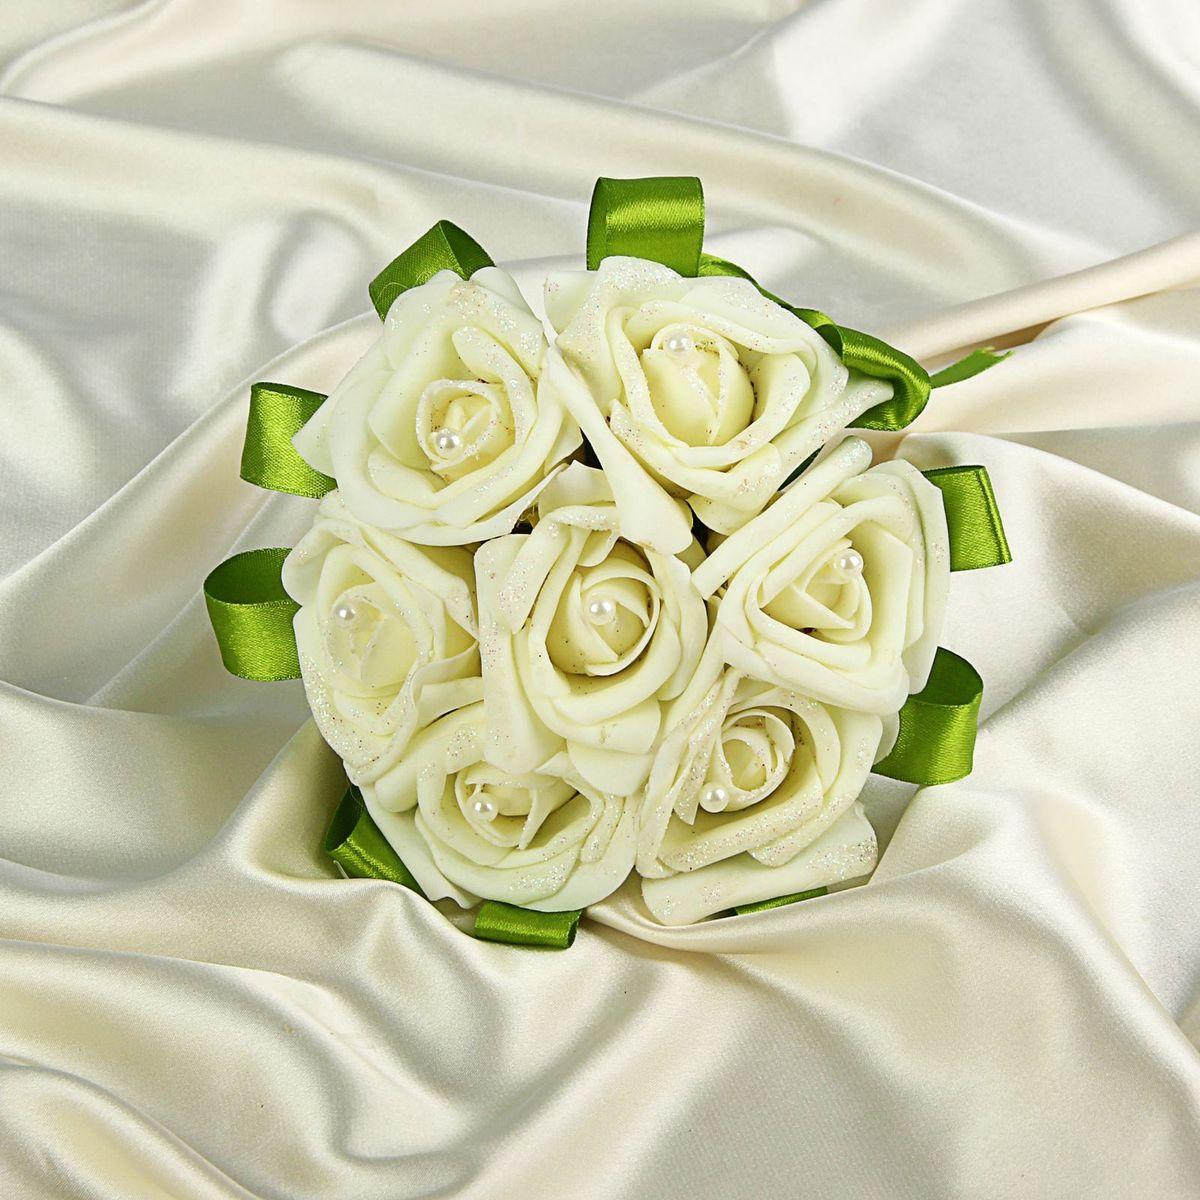 Букет-дублер Sima-land, цвет: белый. 12708211270821Добавьте в интерьер частичку весны! Дублер букета невесты 7 роз айвори будет радовать неувядающей красотой не один год. Просто поставьте его в вазу или создайте пышную композицию. Искусственные растения не требуют поливки, особого освещения и другого специального ухода. Они украсят любое помещение (например, ванную с повышенной влажностью или затемнённый коридор). Дом становится уютным благодаря мелочам. Преобразите интерьер, а вместе с ним улучшится и настроение!